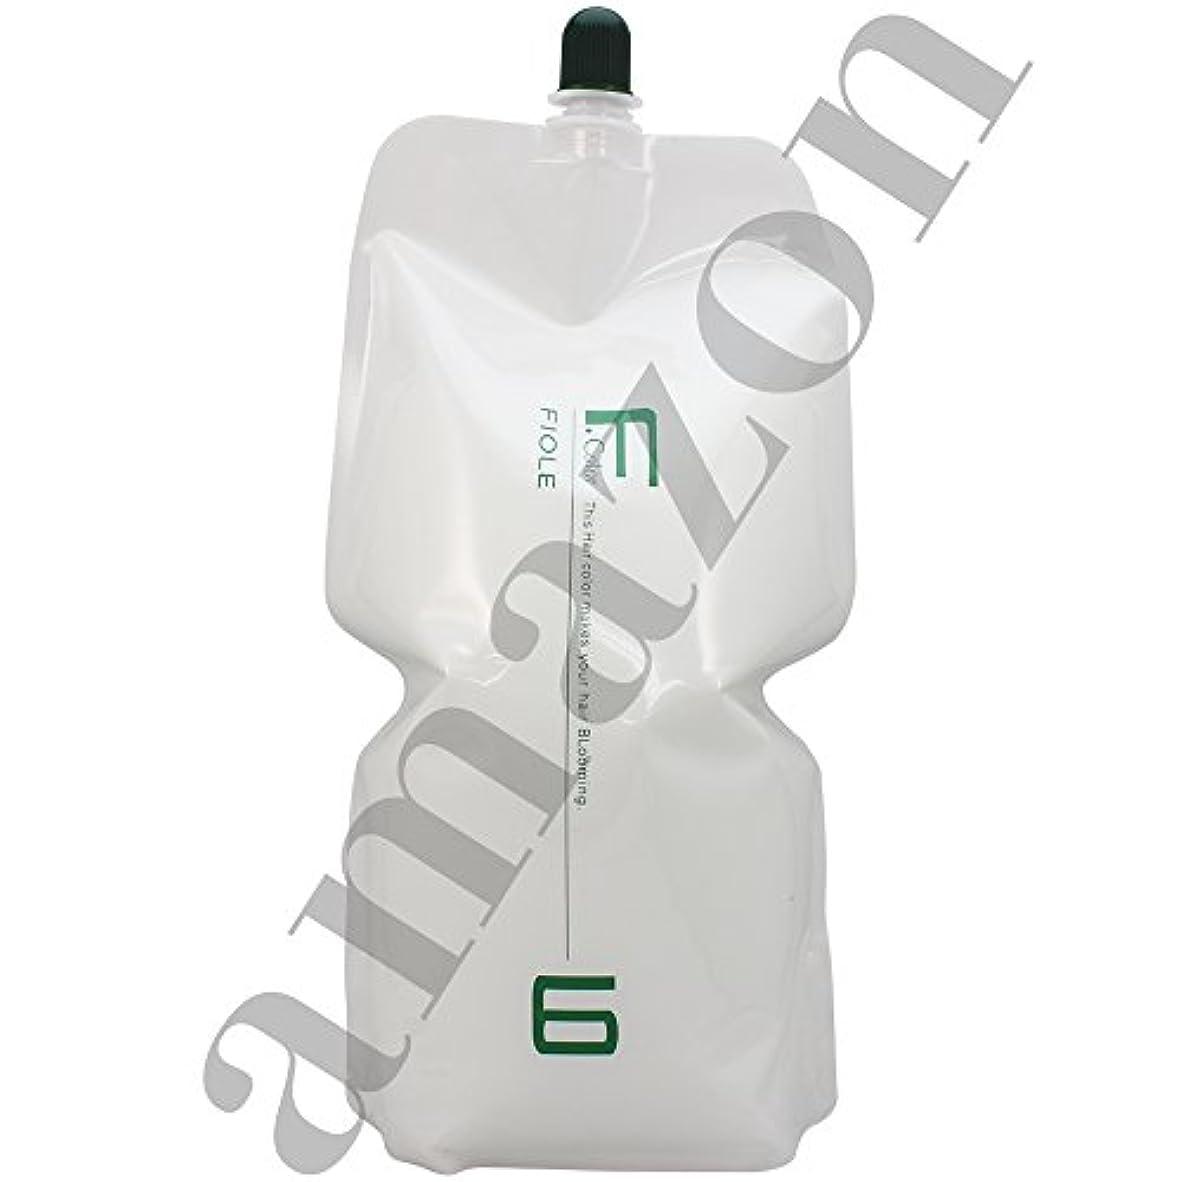 リースコンパニオンポルノフィヨーレ BLカラー OX 2000ml 染毛補助剤 第2剤 パウチ (OX6%)